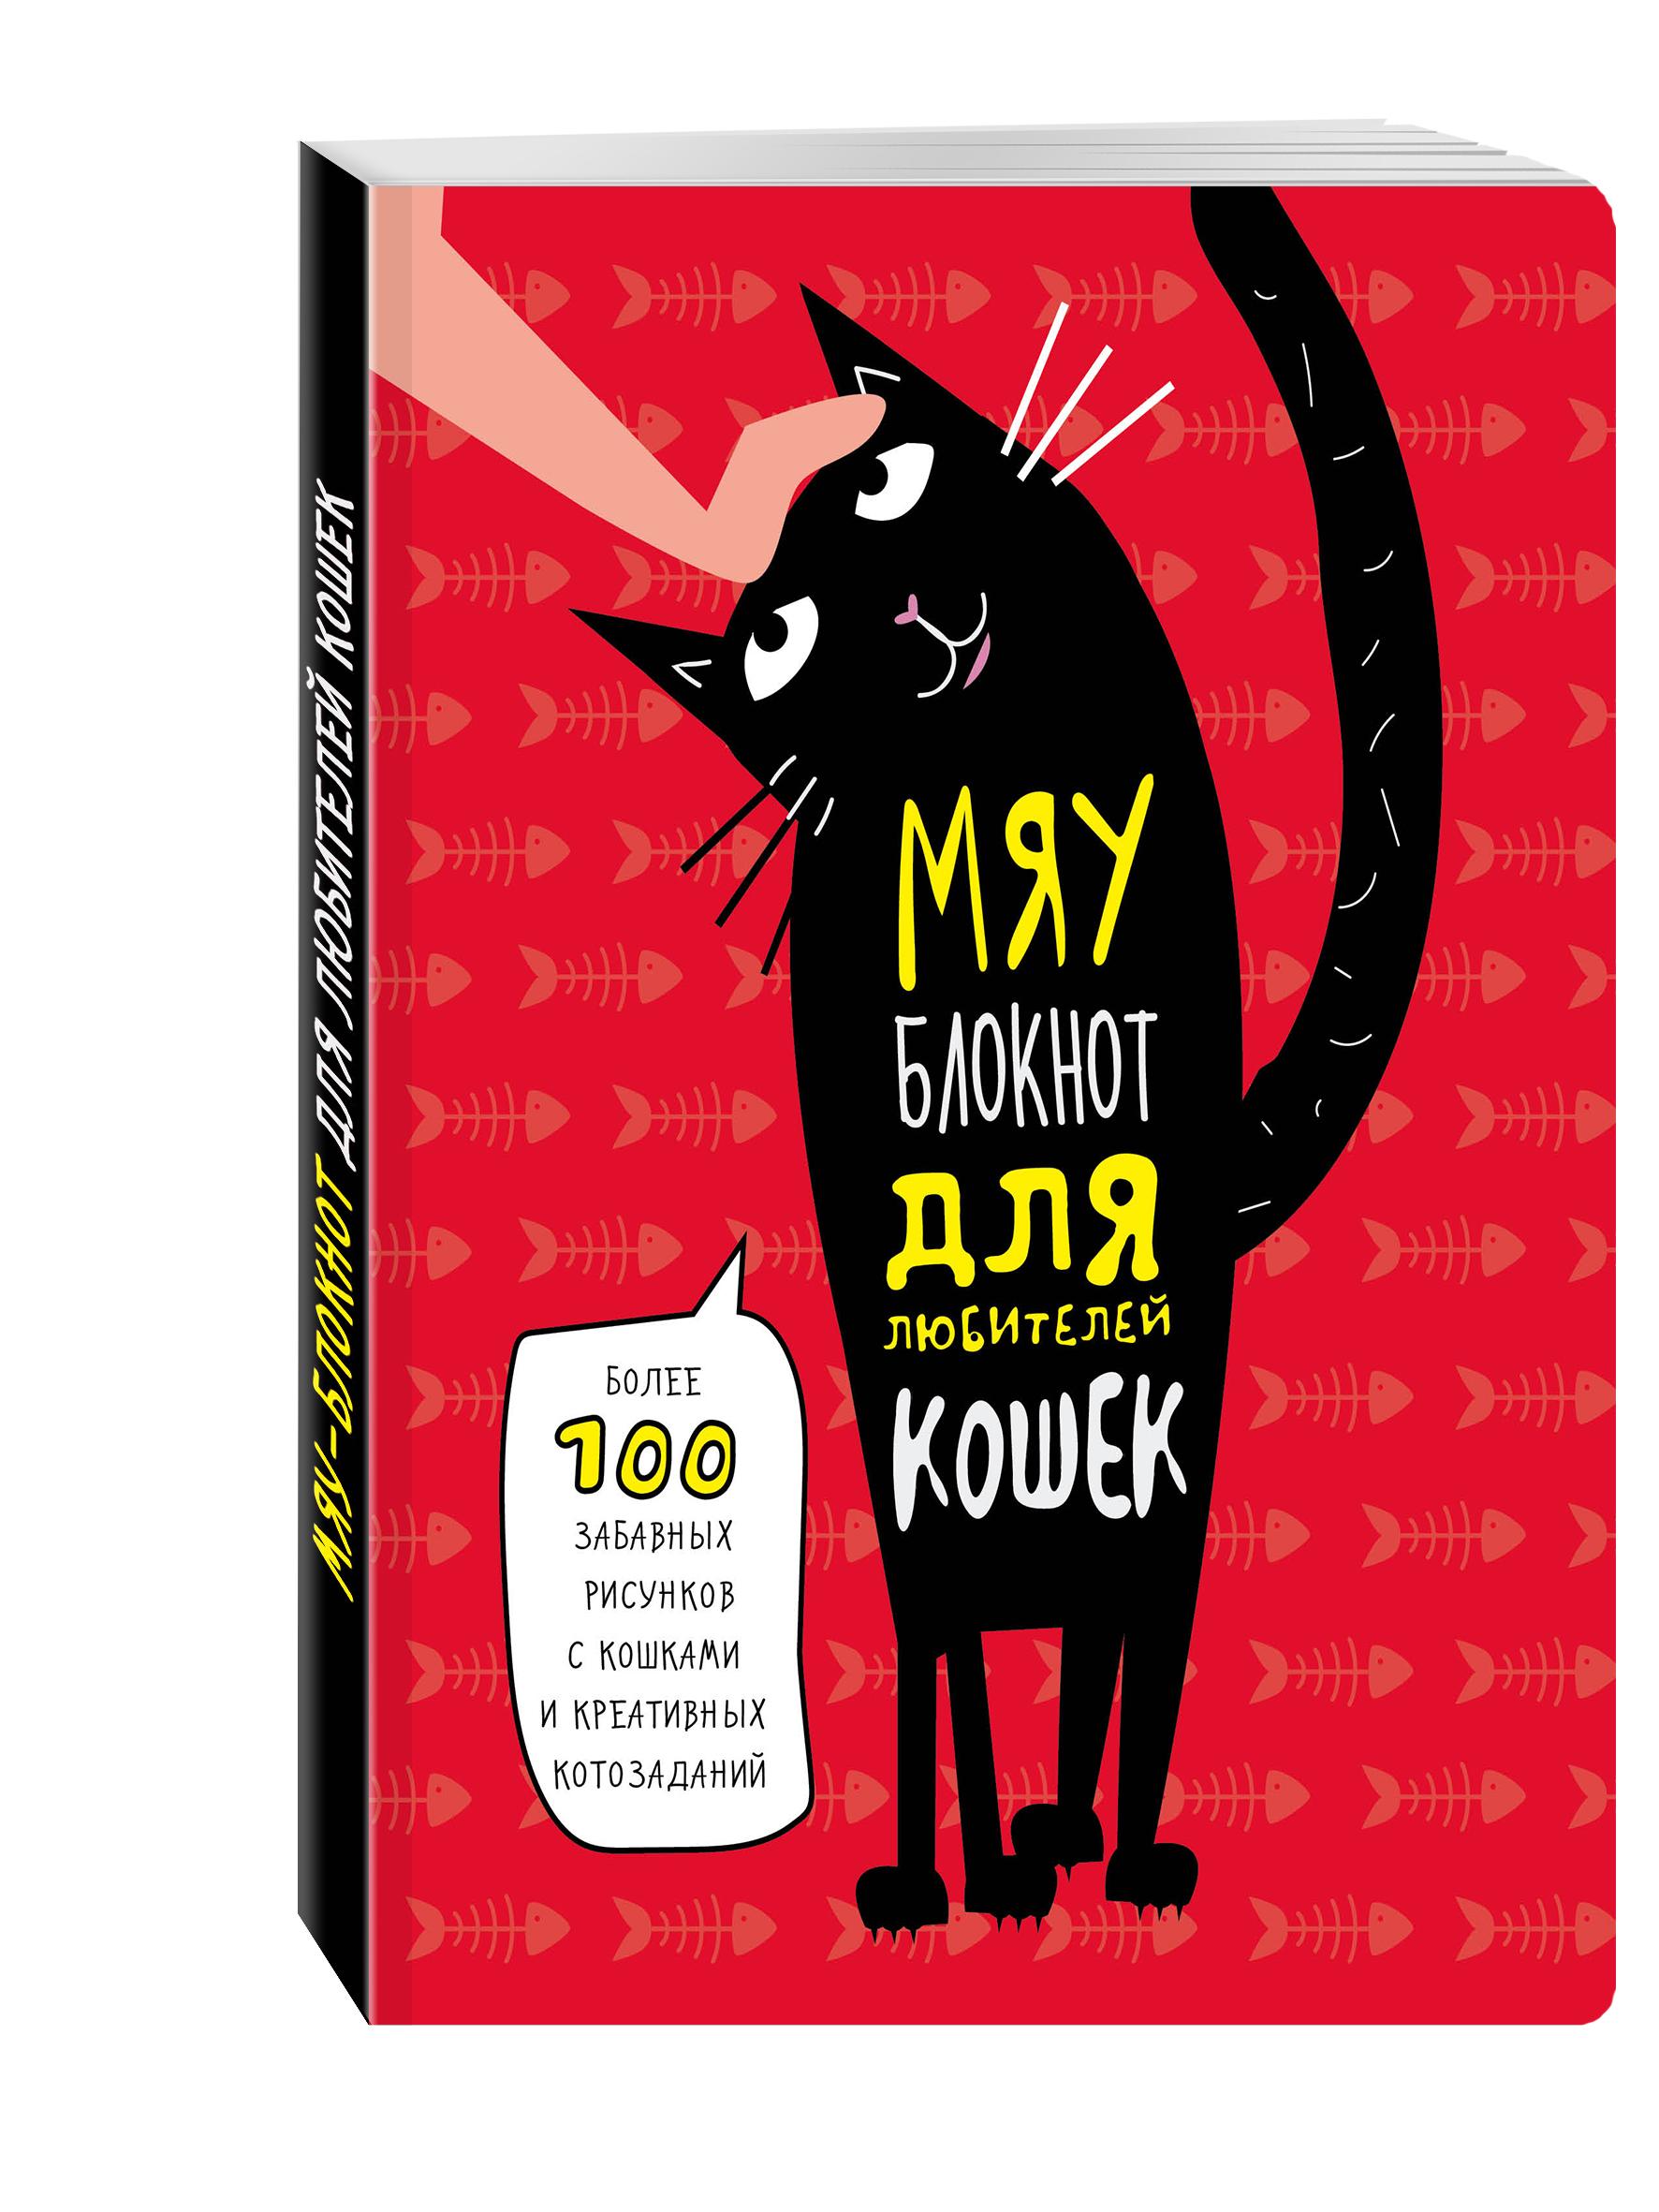 Мяу-блокнот для любителей кошек (новое оформление), ISBN 9785699951277, Издательство Эксмо ООО, 2017, Арт-хобби. Блокноты и раскраски , 978-5-6999-5127-7, 978-5-699-95127-7, 978-5-69-995127-7 - купить со скидкой